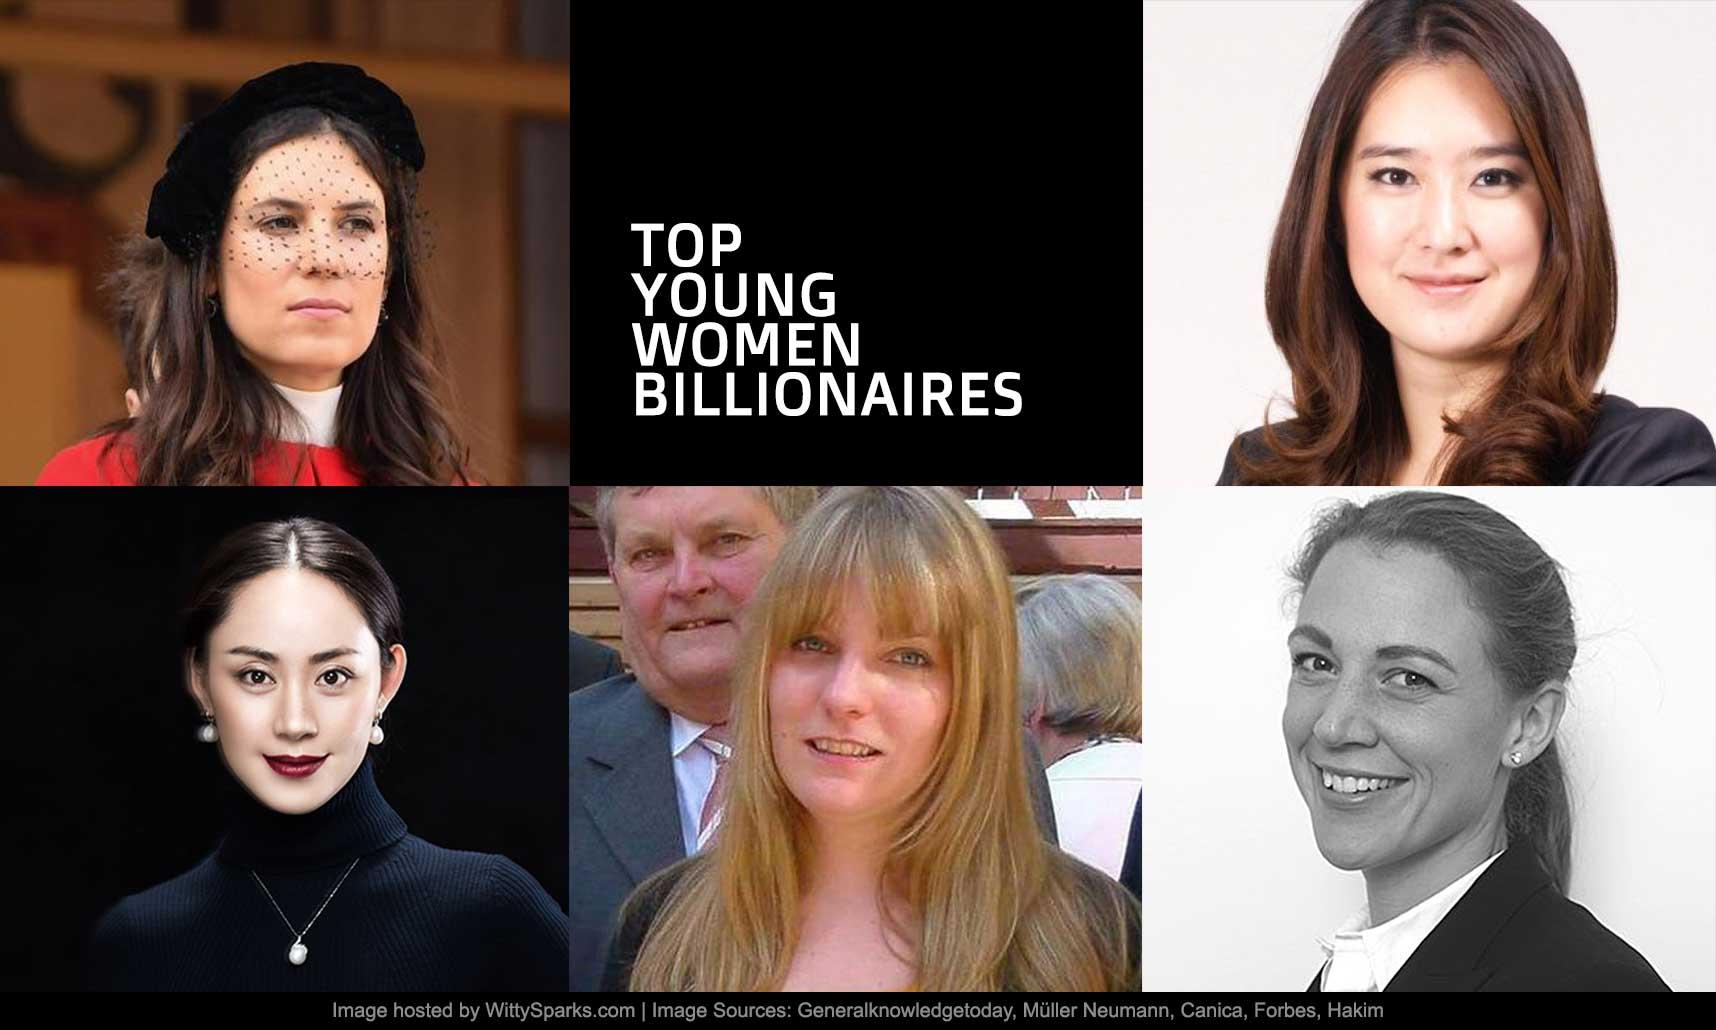 Top Young Women Billionaires